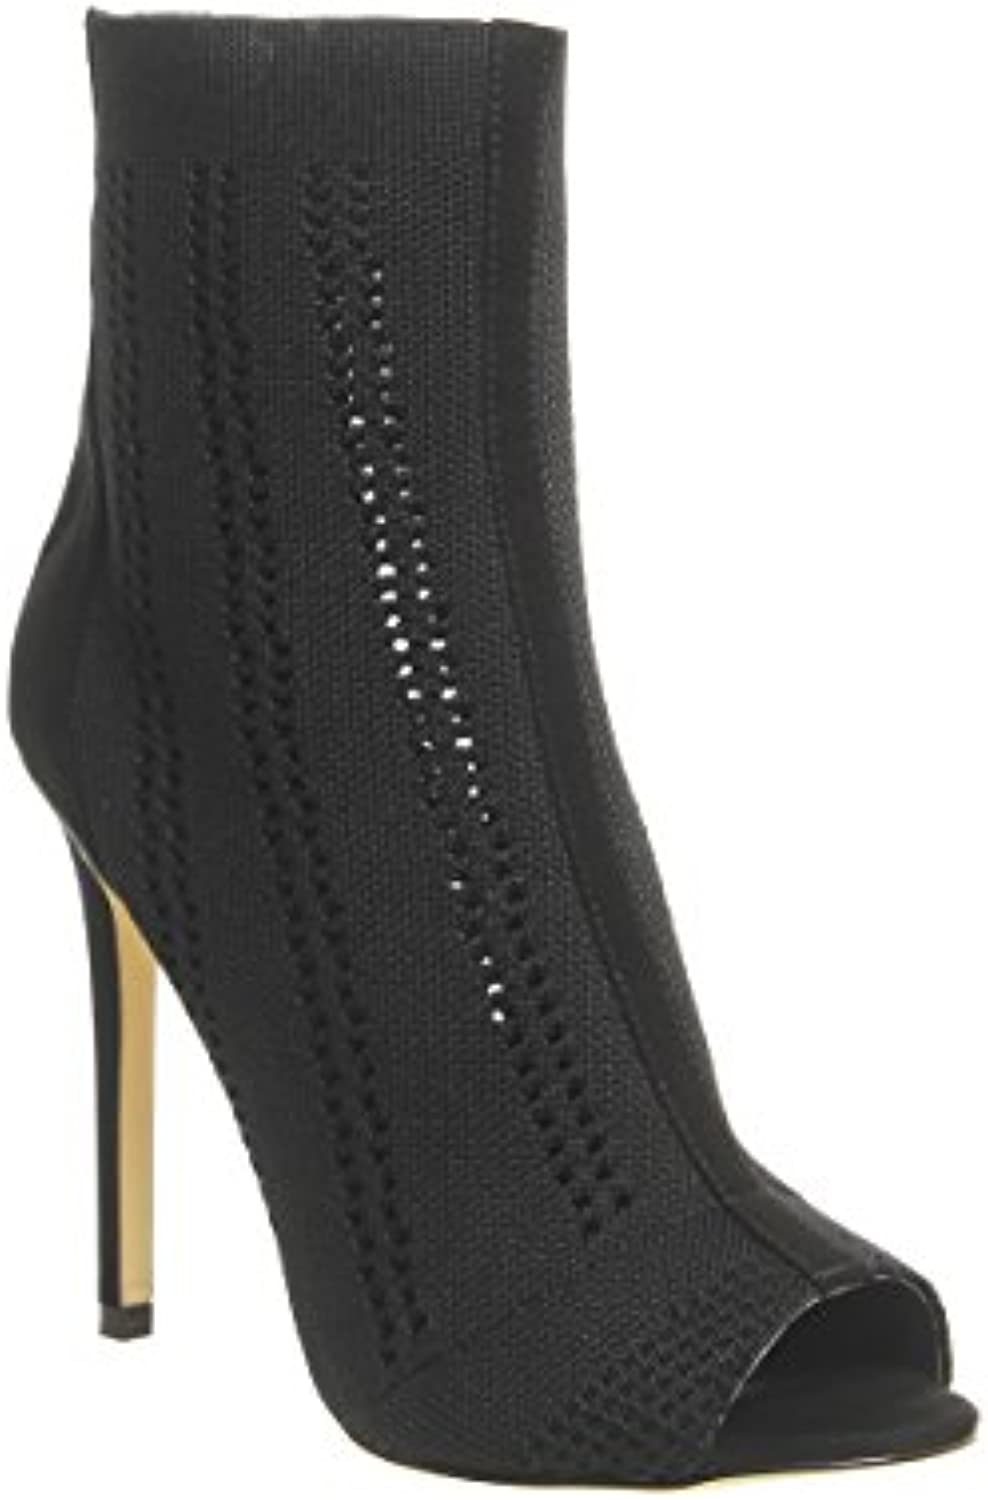 Office, Damen Stiefel & Stiefeletten  2018 Letztes Modell  Mode Schuhe Billig Online-Verkauf